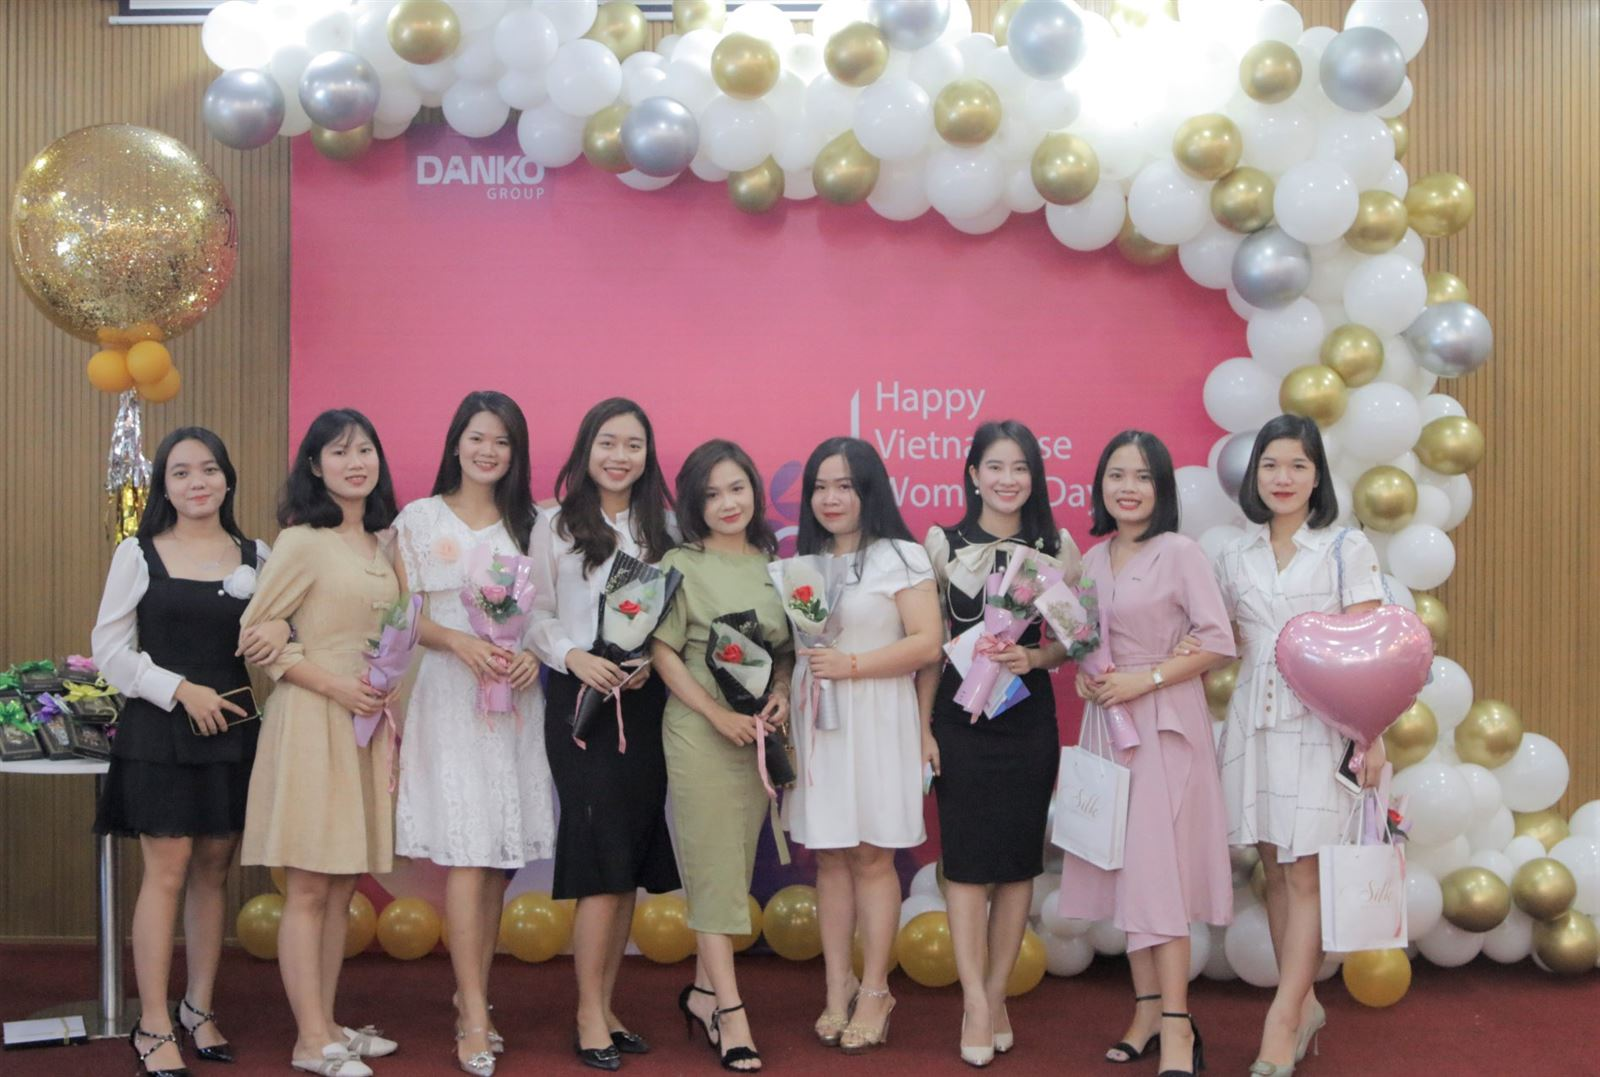 Xinh đẹp và rạng rỡ những bóng hồng của Danko Group ngày 20/10